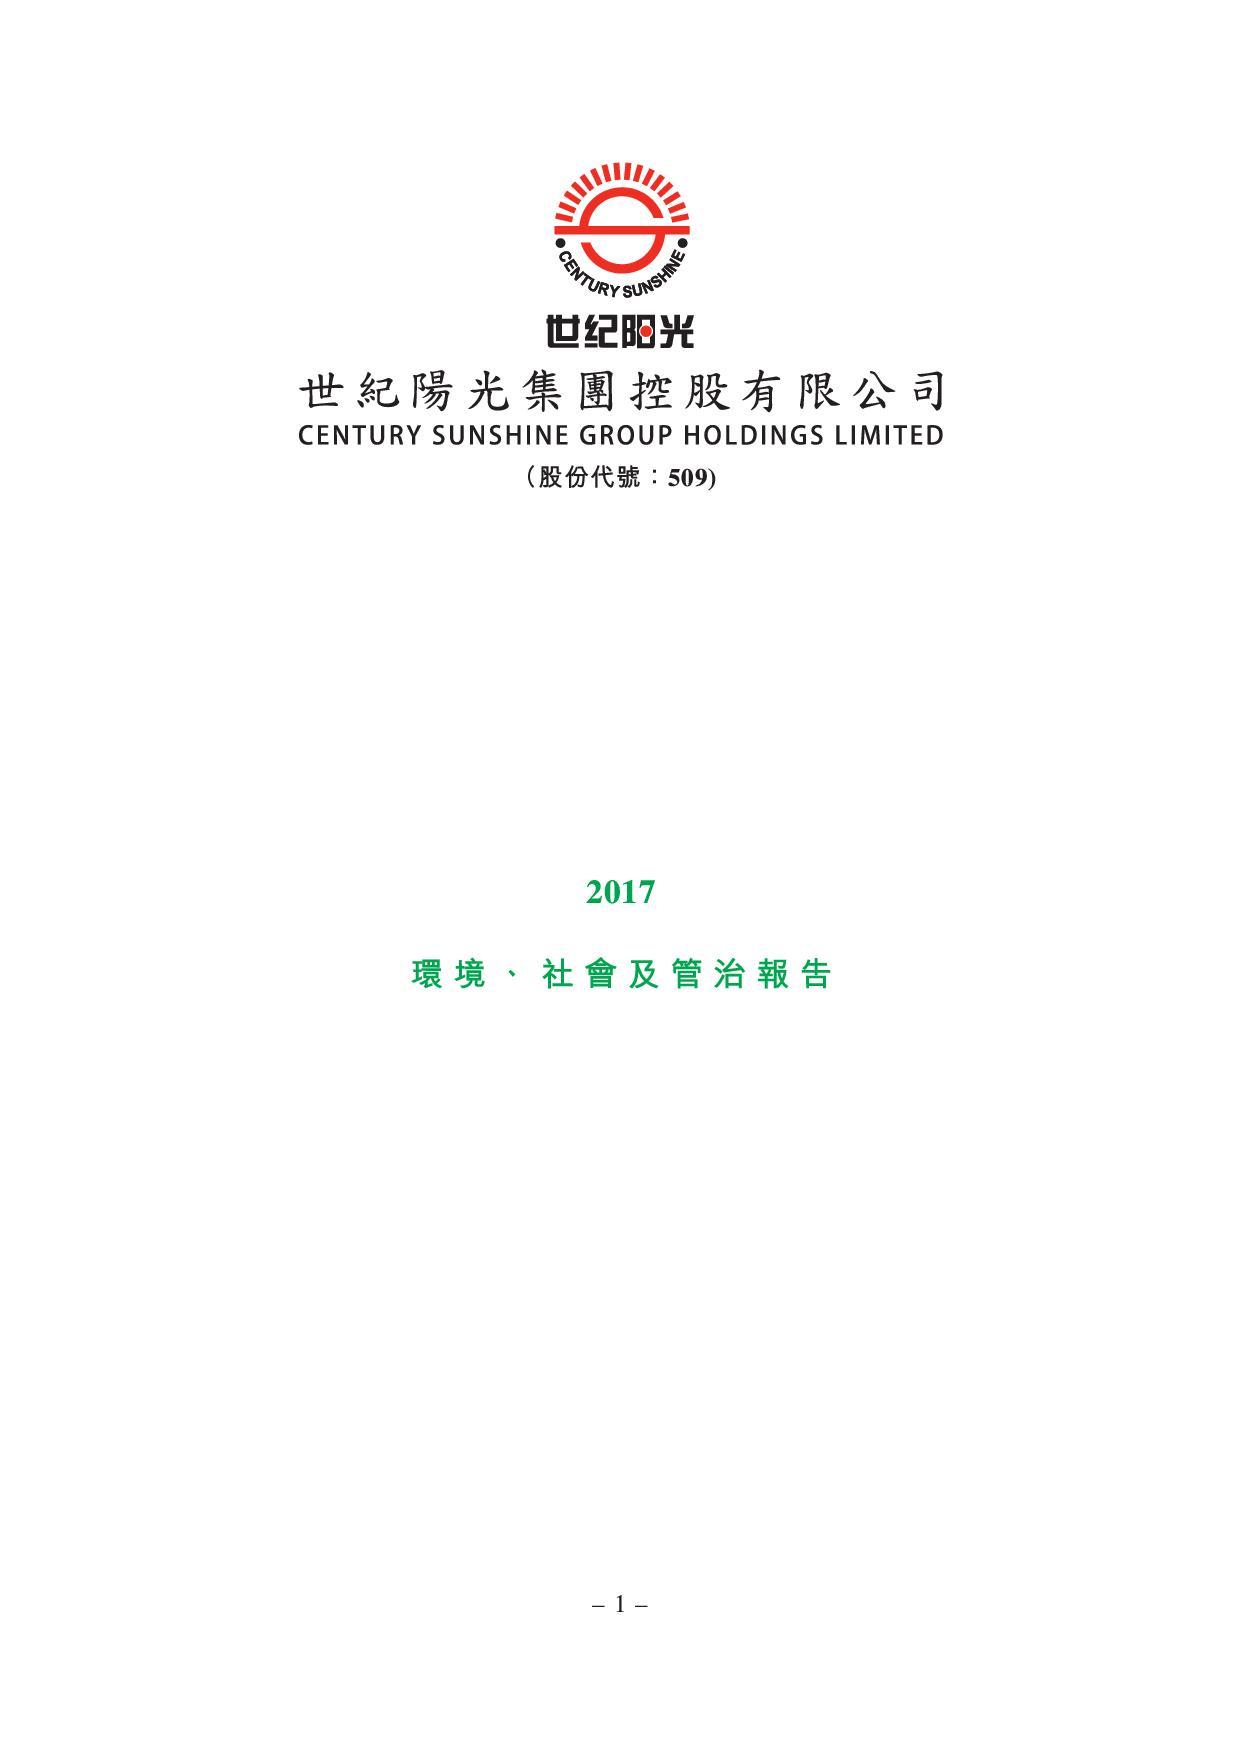 世纪阳光集团控股有限公司